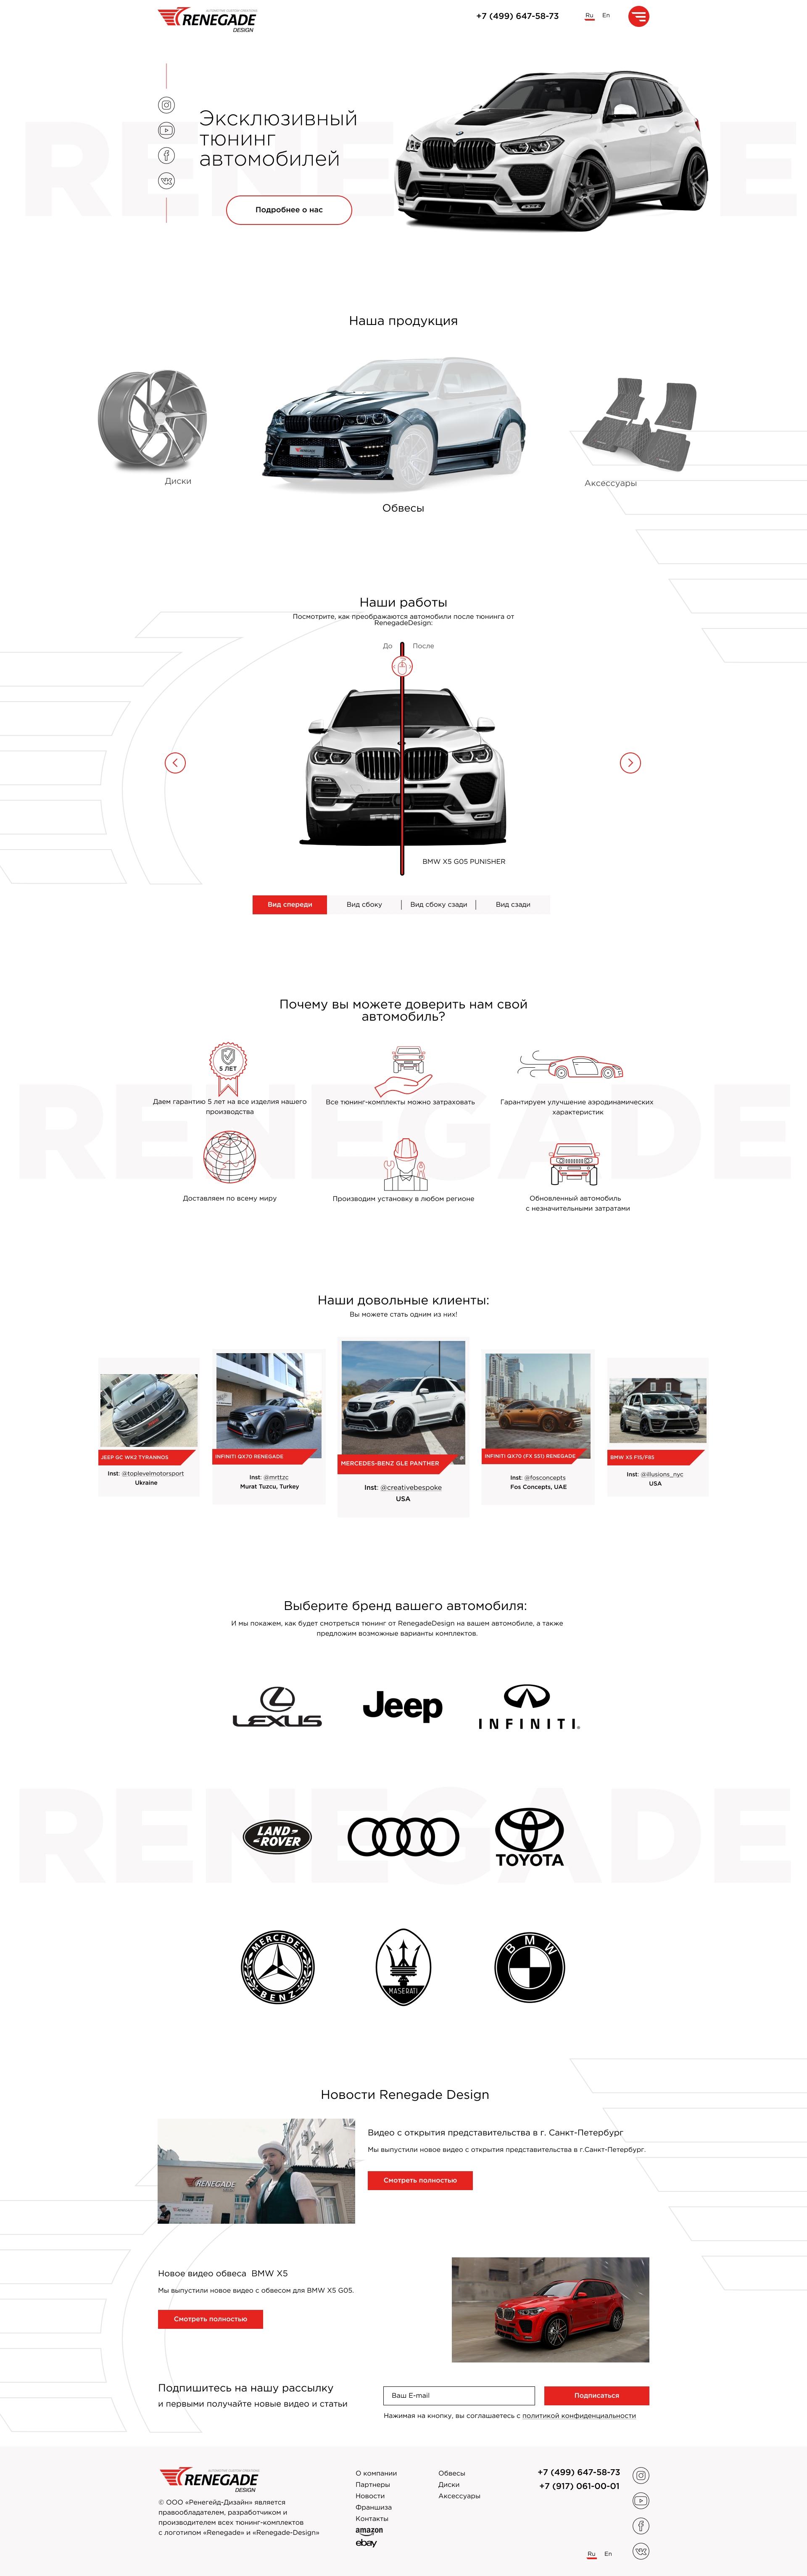 Разработка дизайна сайта «Renegade Design» фото f_3695d52c932e2582.jpg